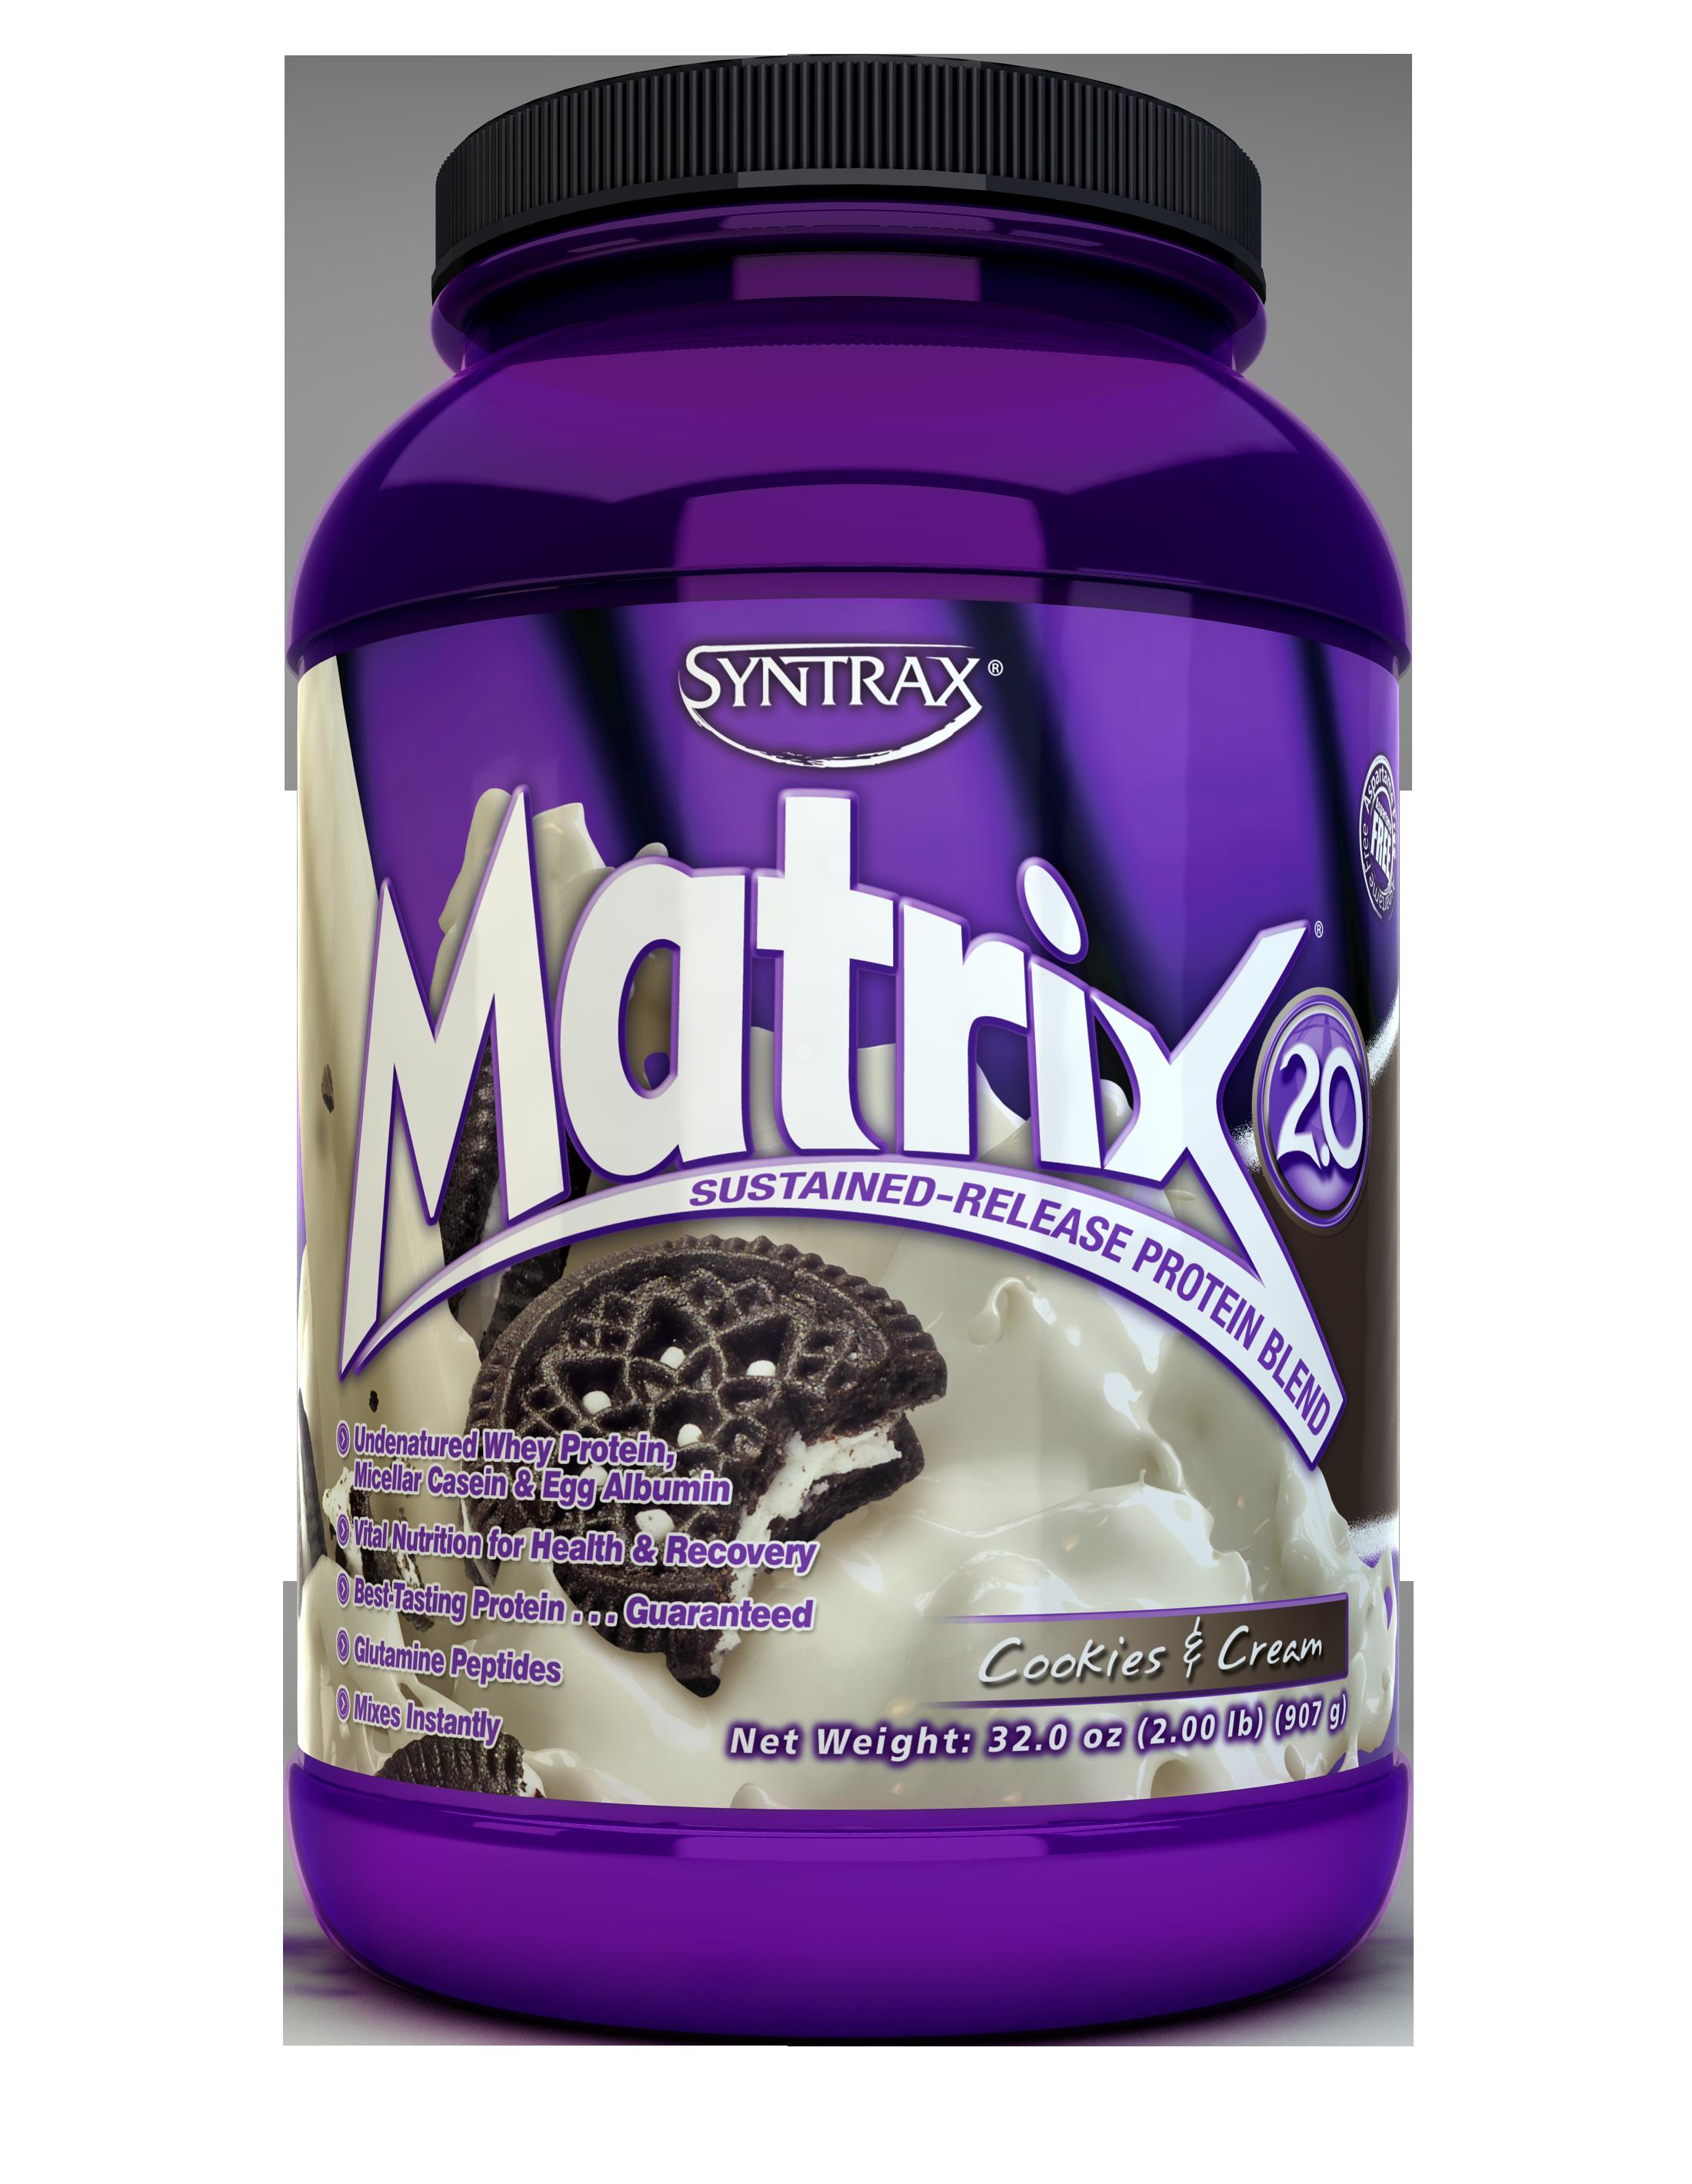 Syntrax Matrix 2.0 - Cookies & Cream 2 lb